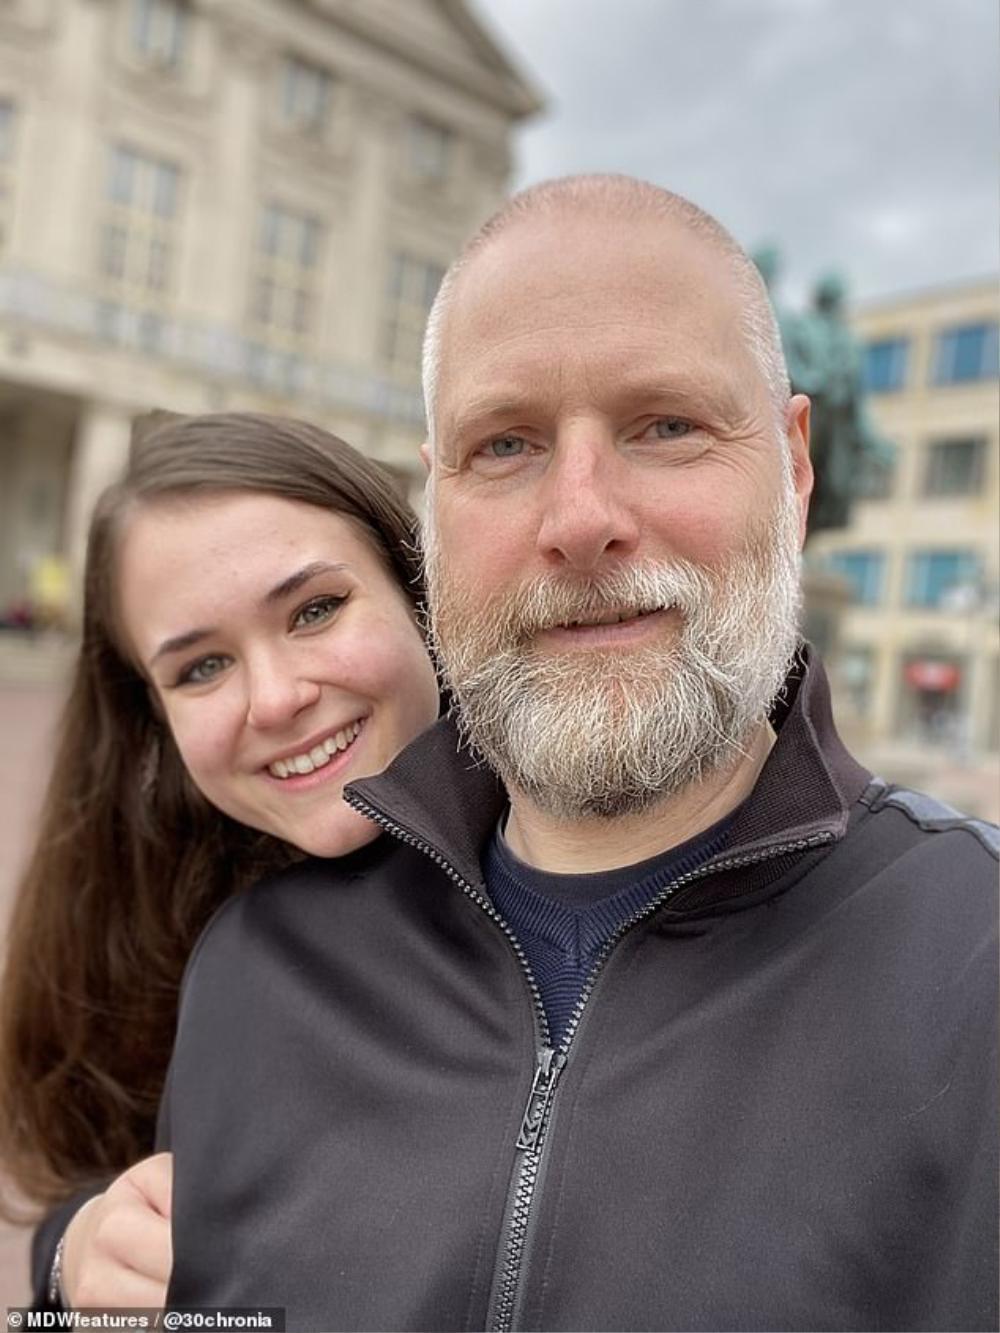 Chuyện tình 'đũa lệch' bắt nguồn từ YouTube của giáo sư và nữ sinh kém 27 tuổi Ảnh 4